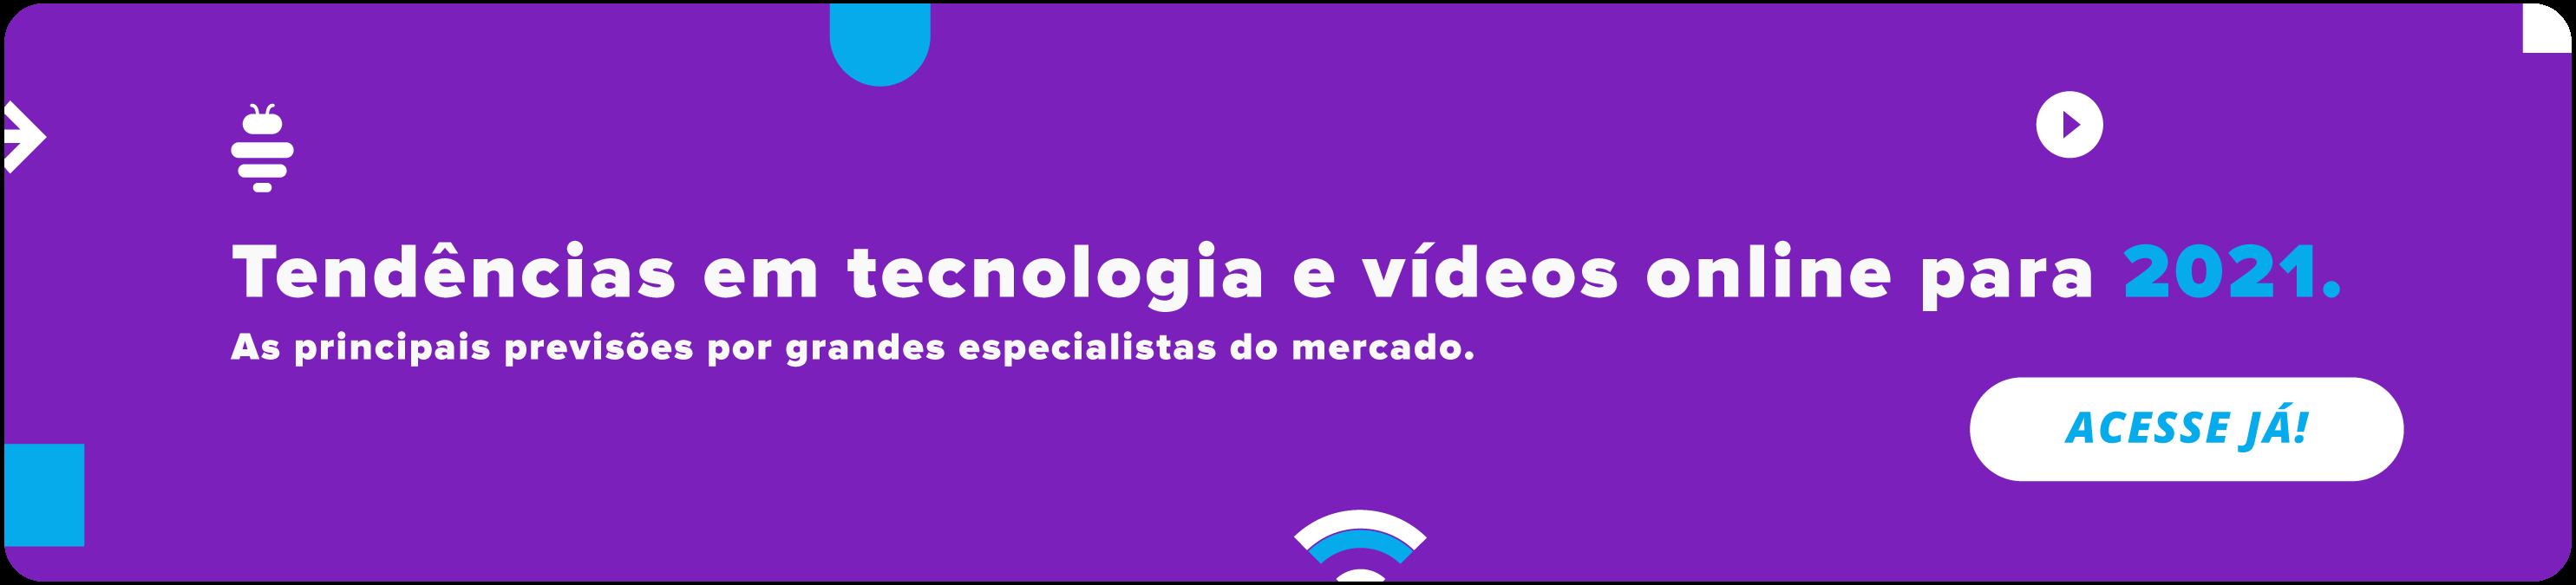 Tendências em tecnologia e vídeos online para 2021